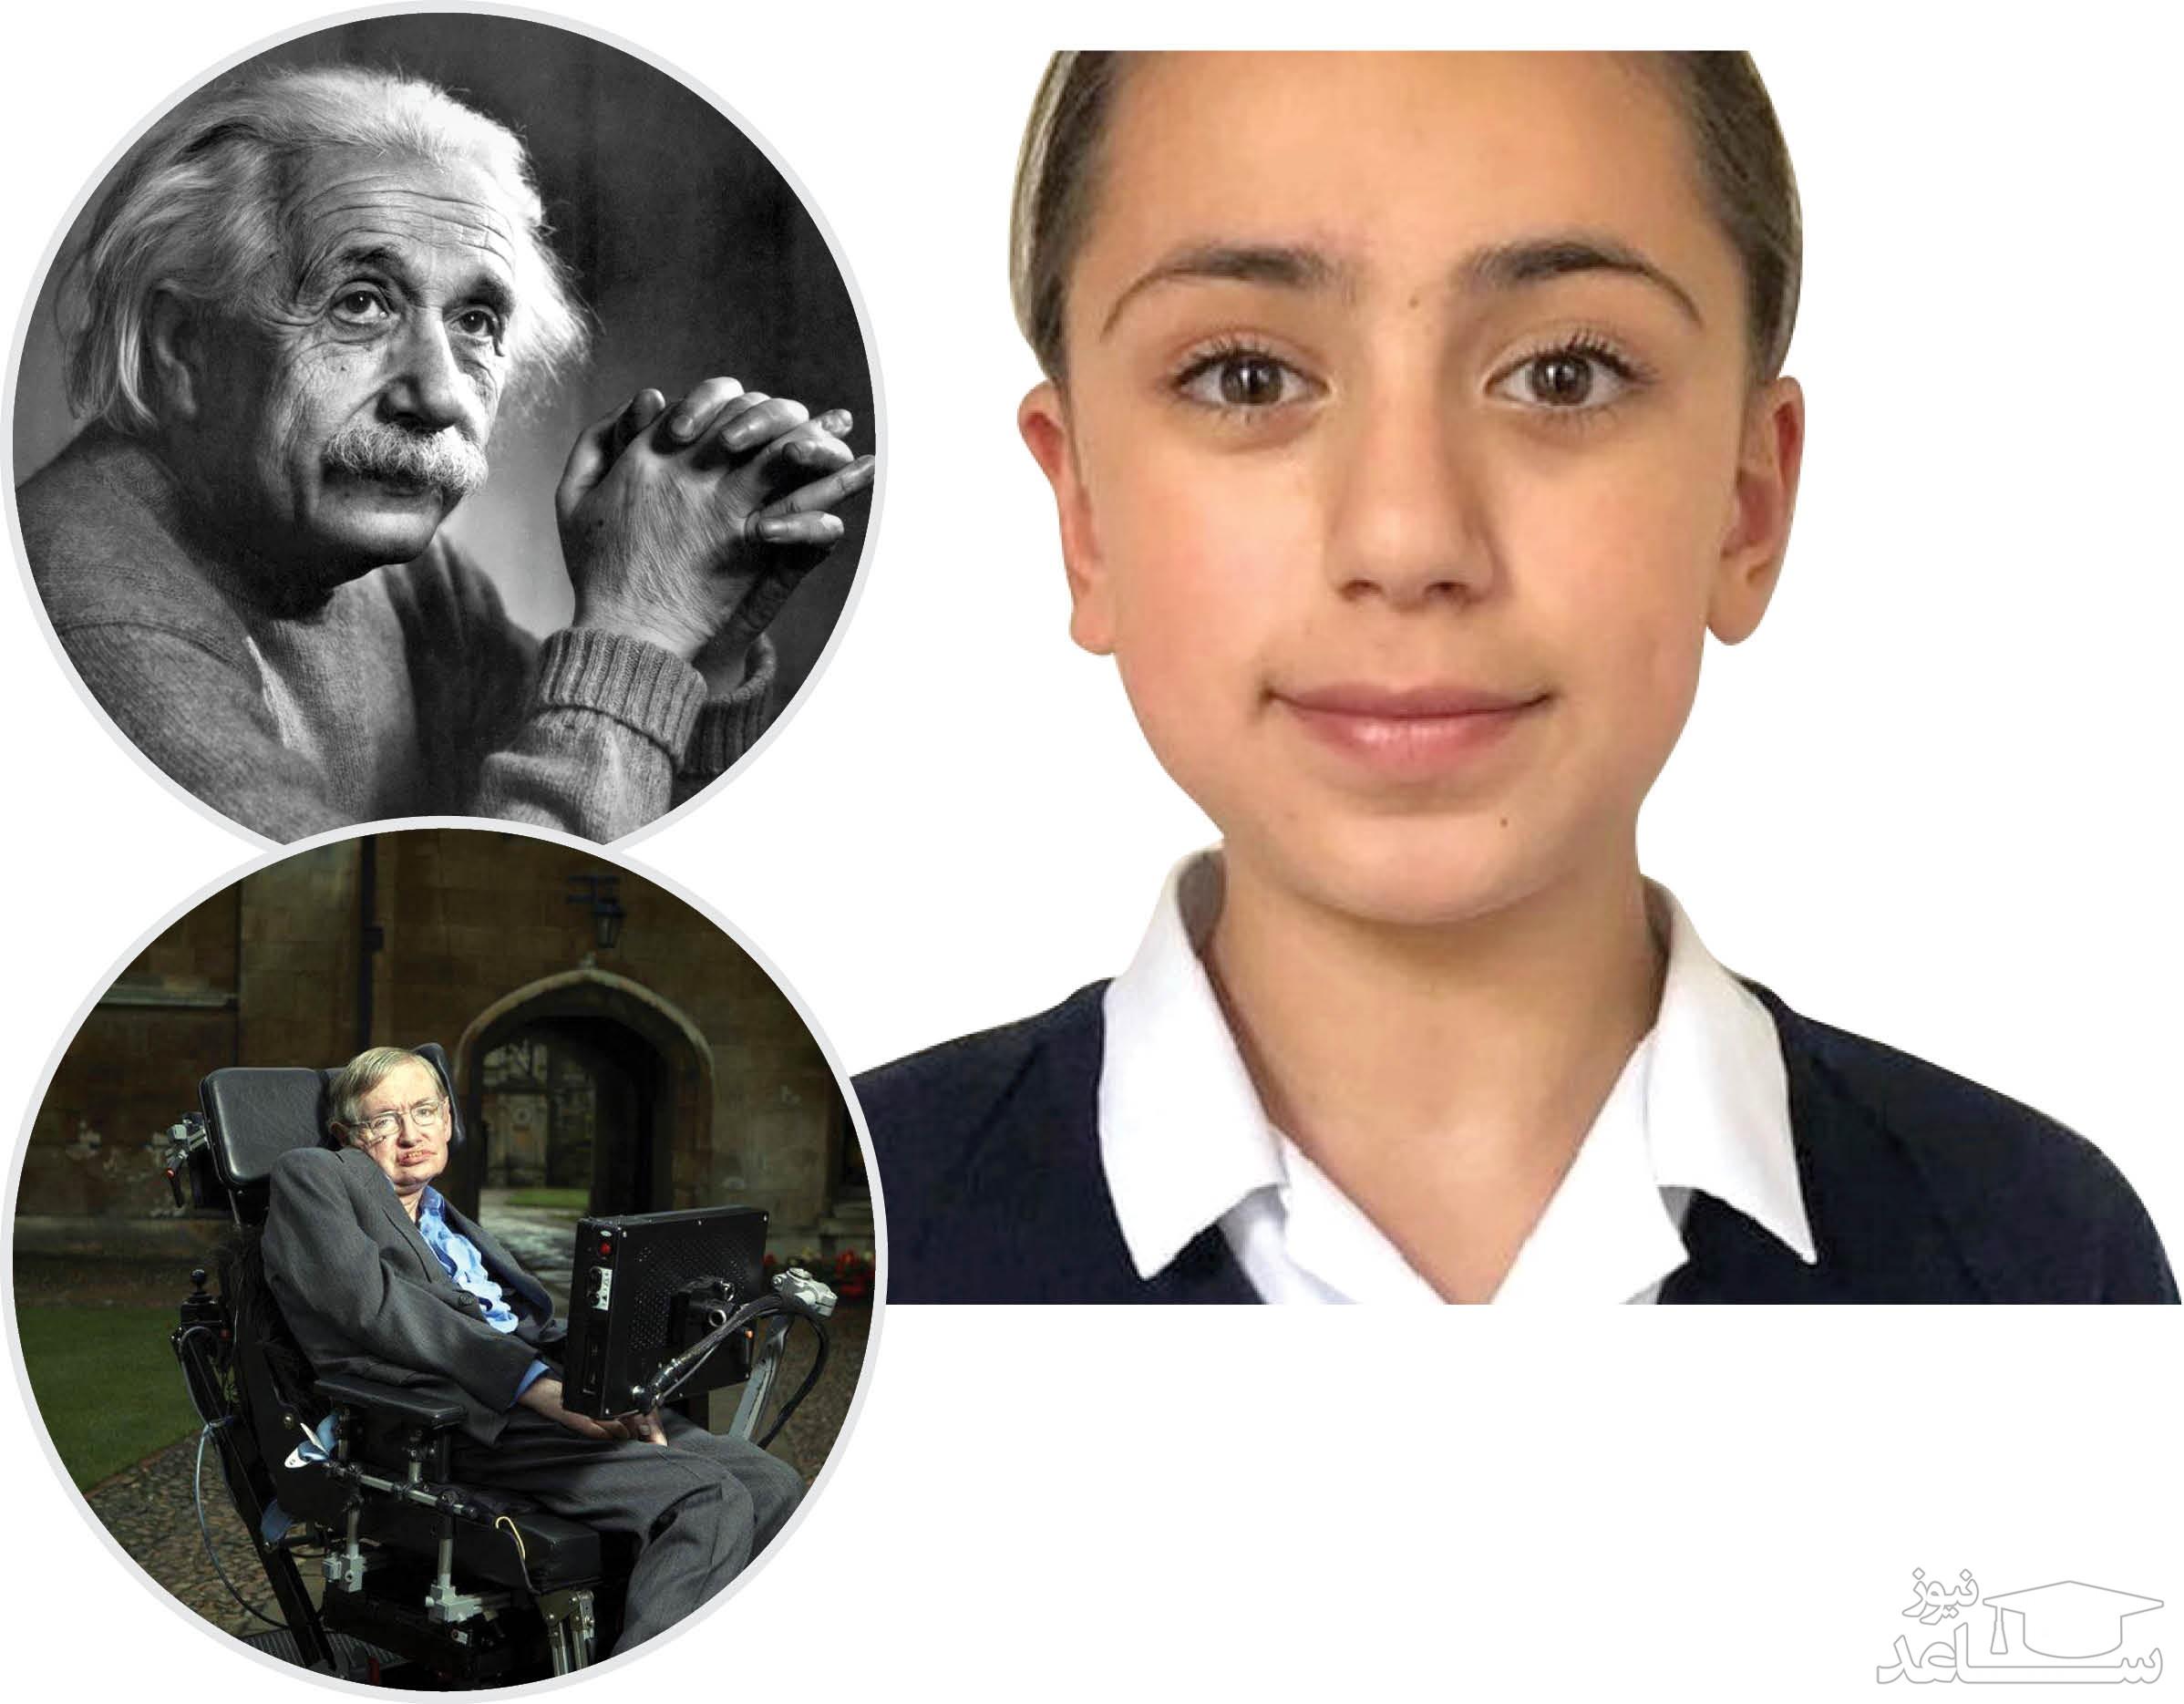 سوالات عجیبی که به عنوان تست هوش از امثال نابغه ۱۱ ساله ایرانی میپرسند!